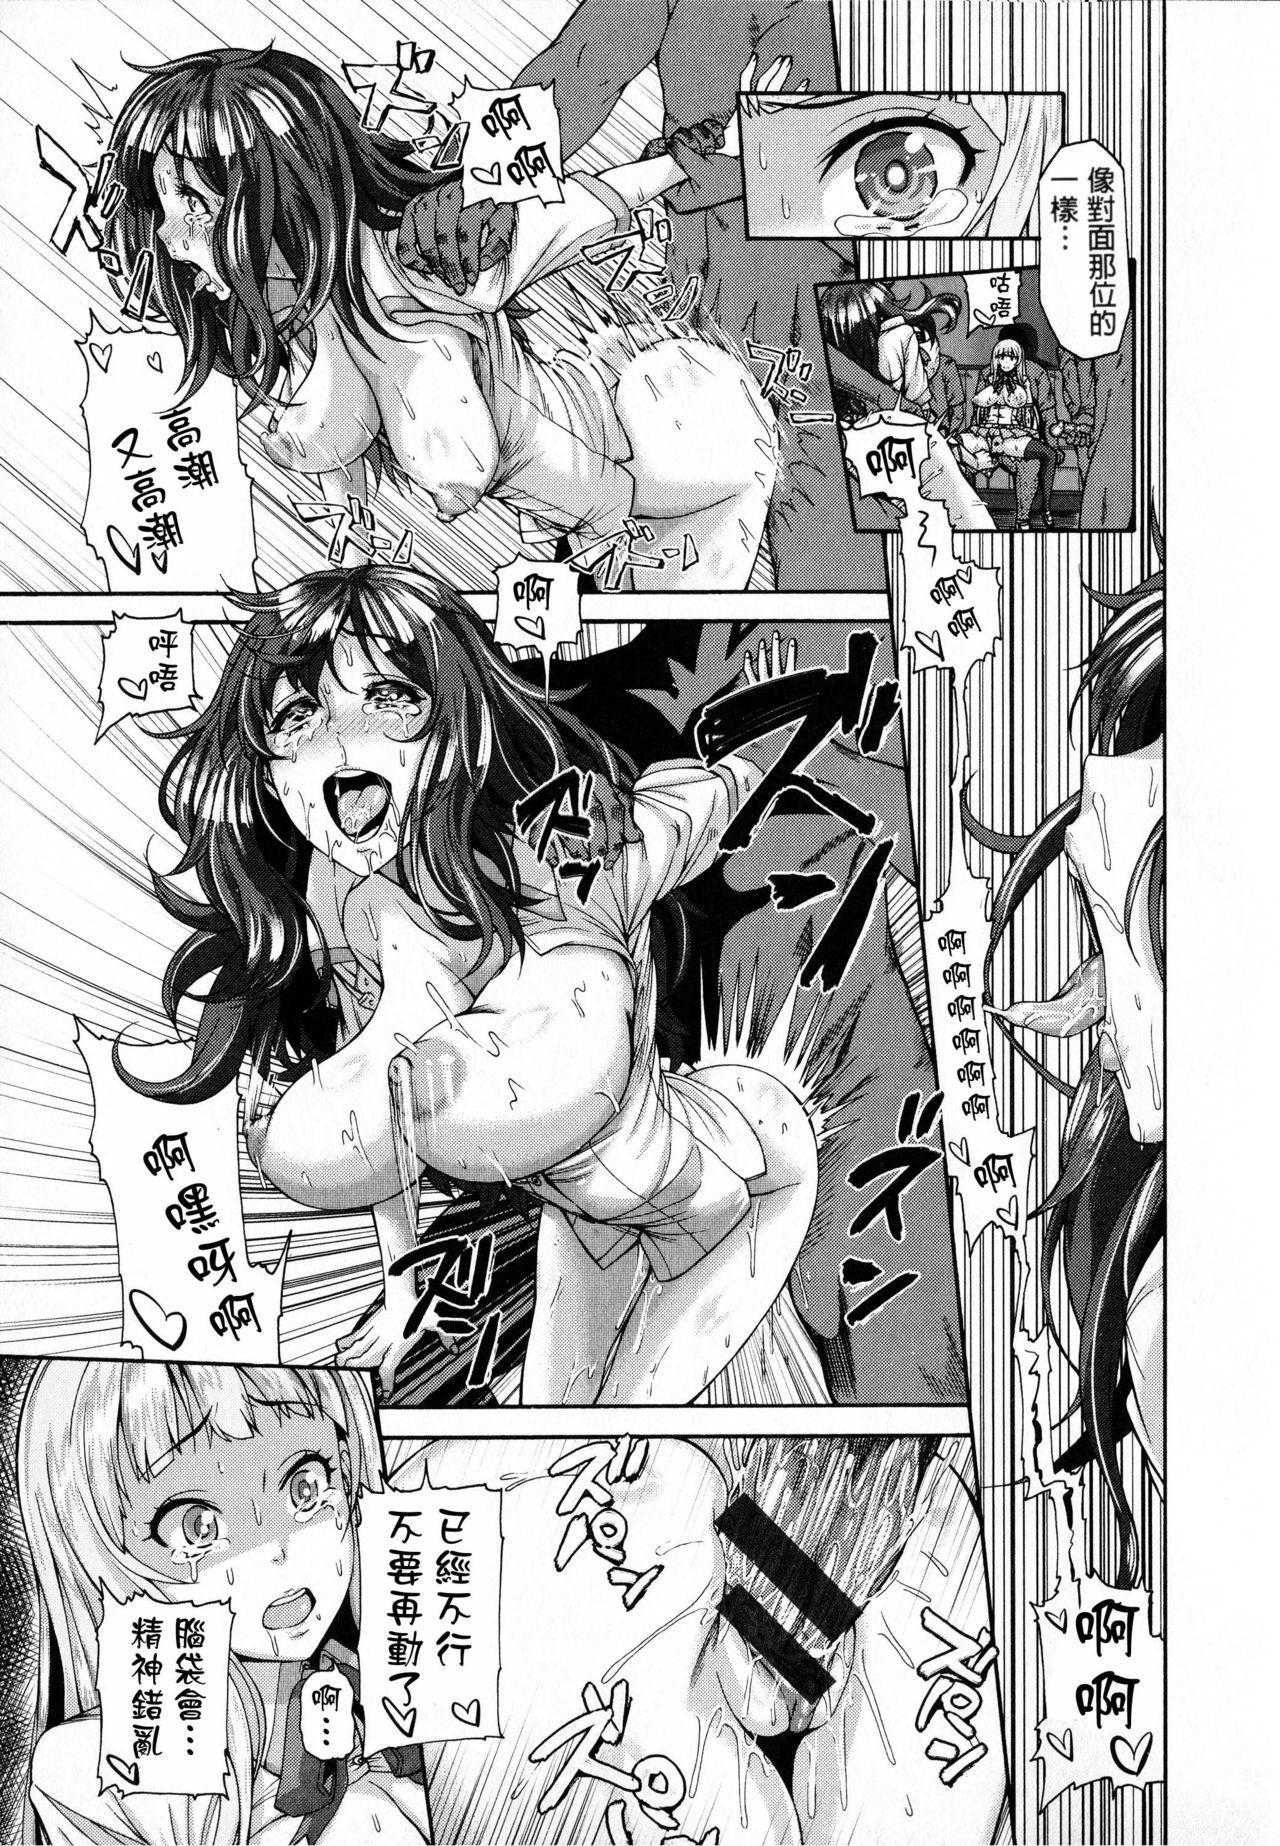 Shitsukeai 94